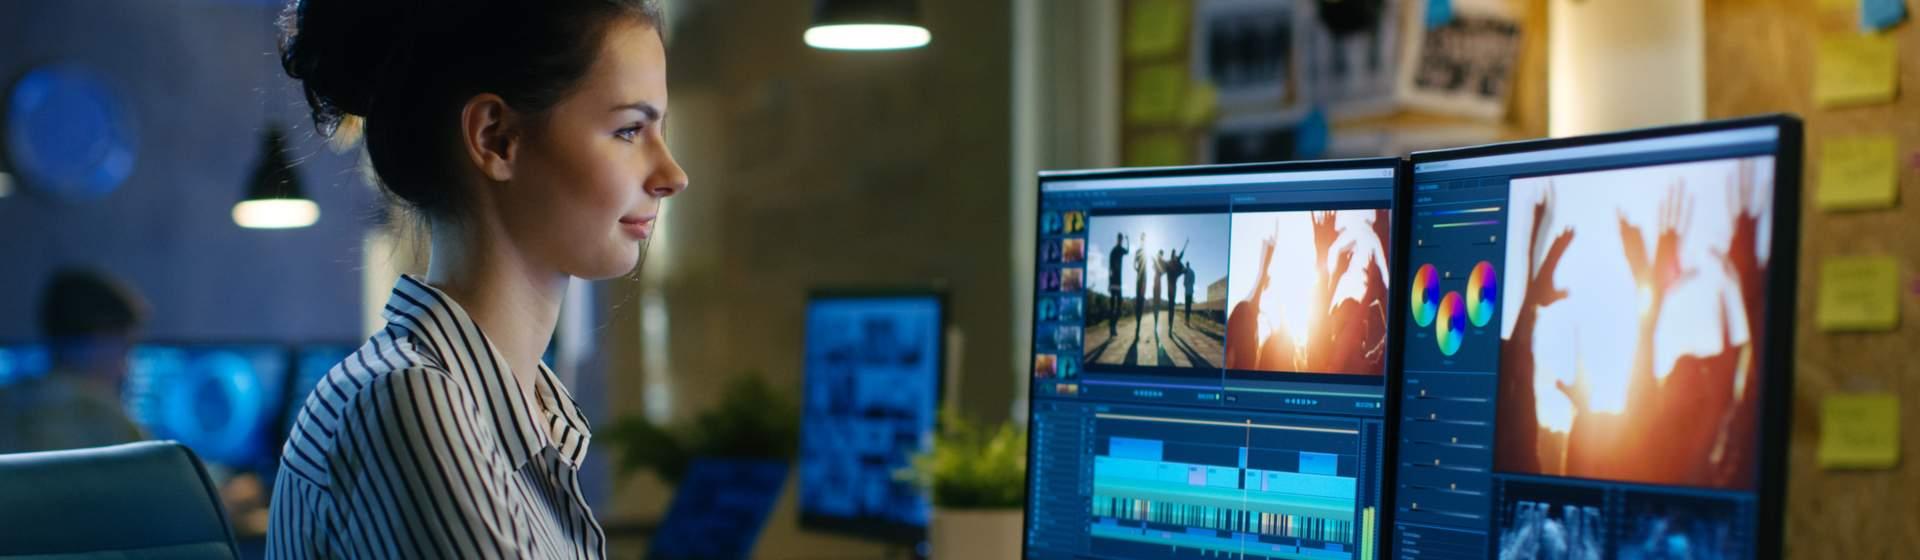 Como editar vídeos no PC? Veja programas gratuitos e fáceis de usar